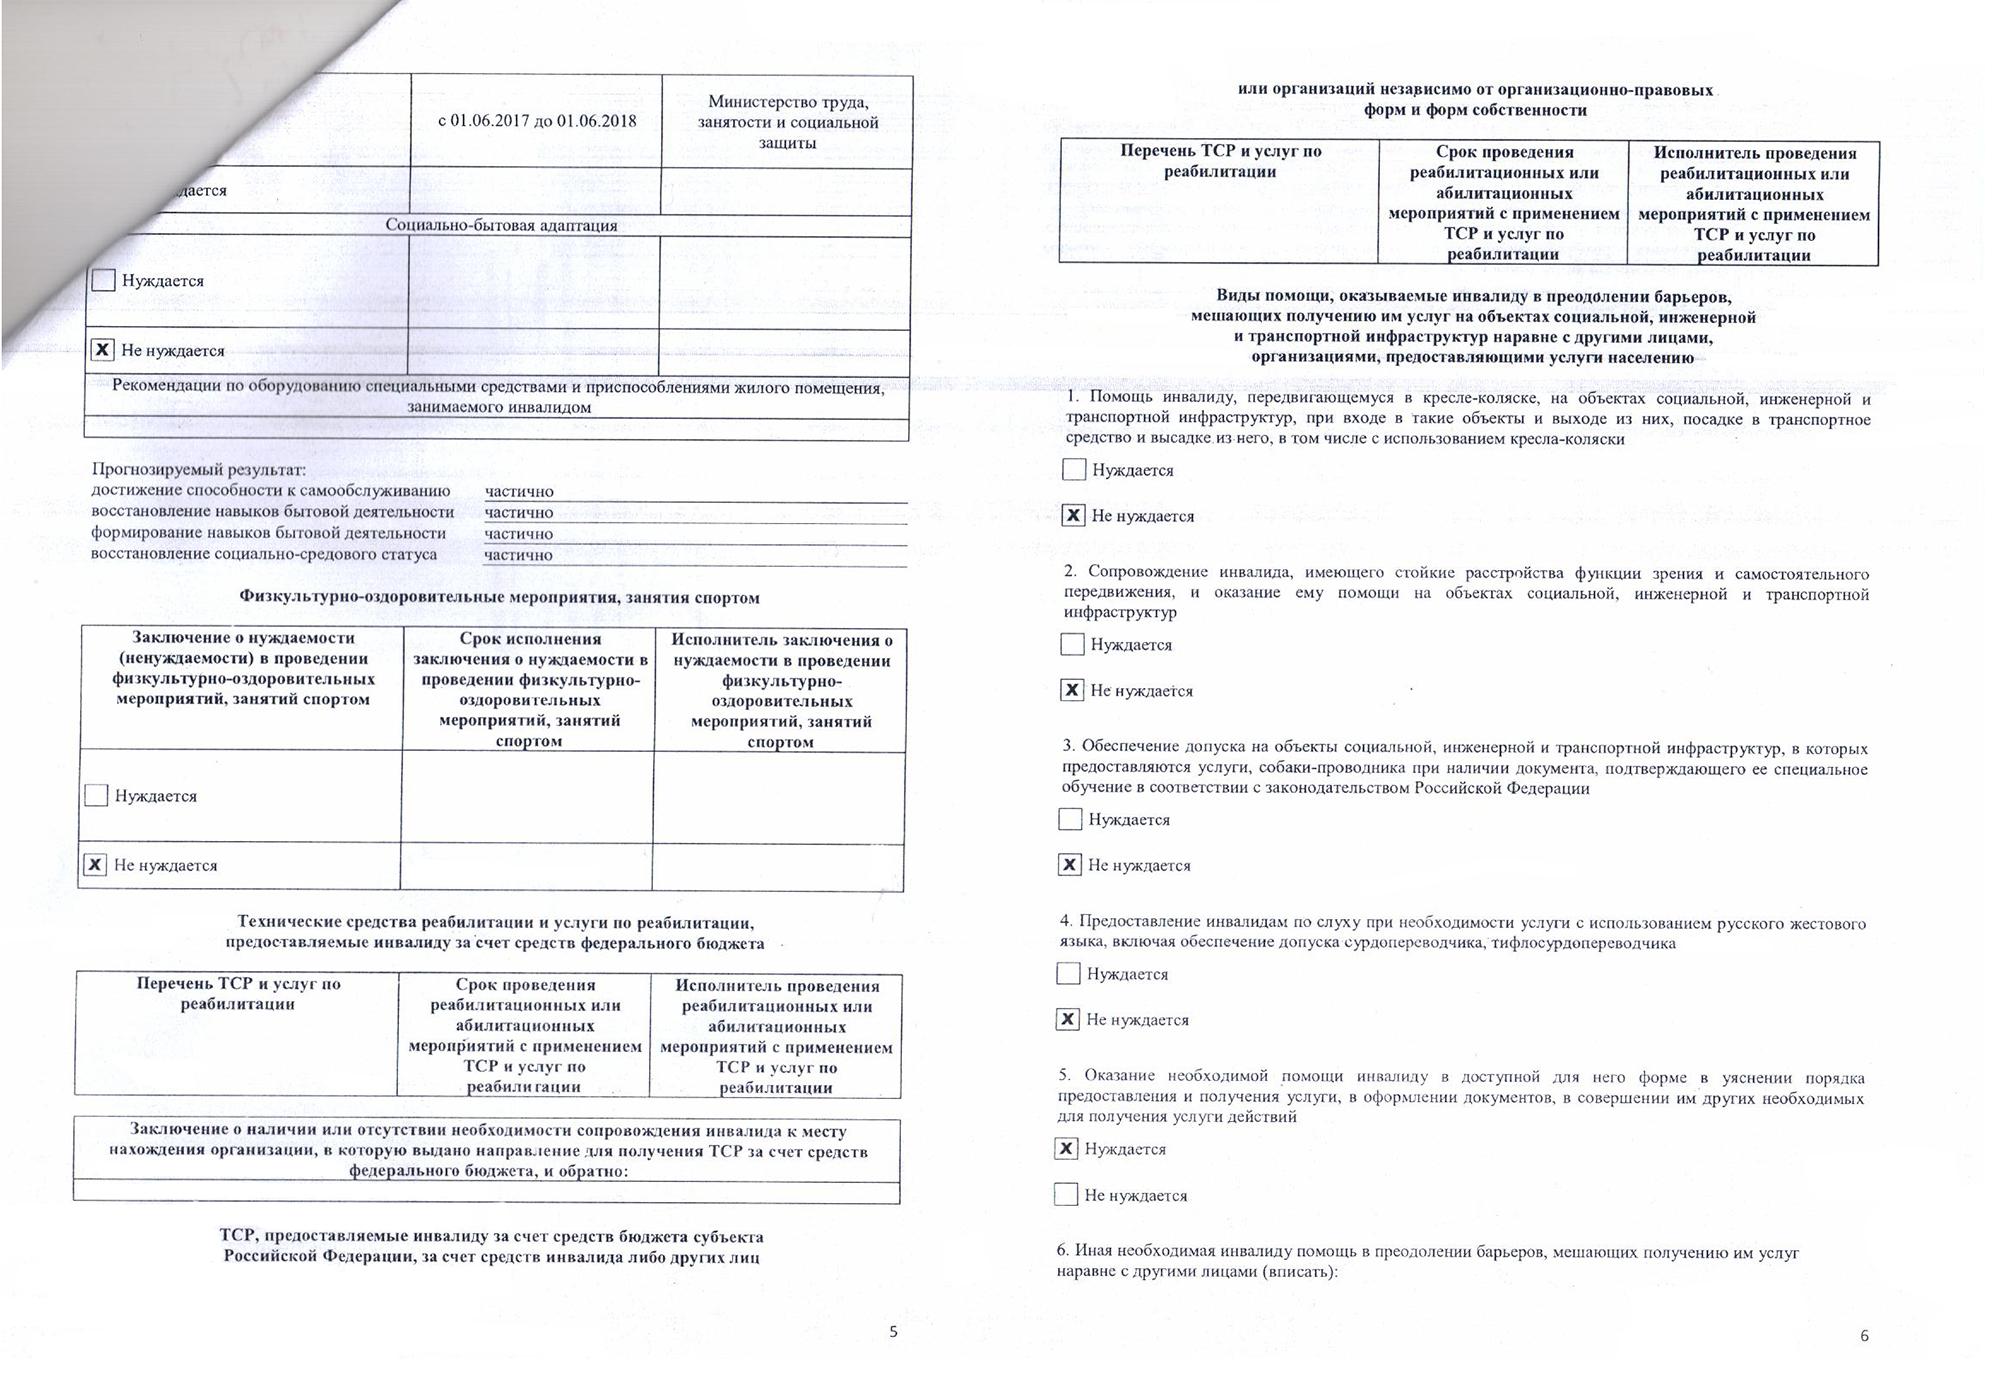 Так выглядит моя ИПРА — индивидуальная программа реабилитации и абилитации